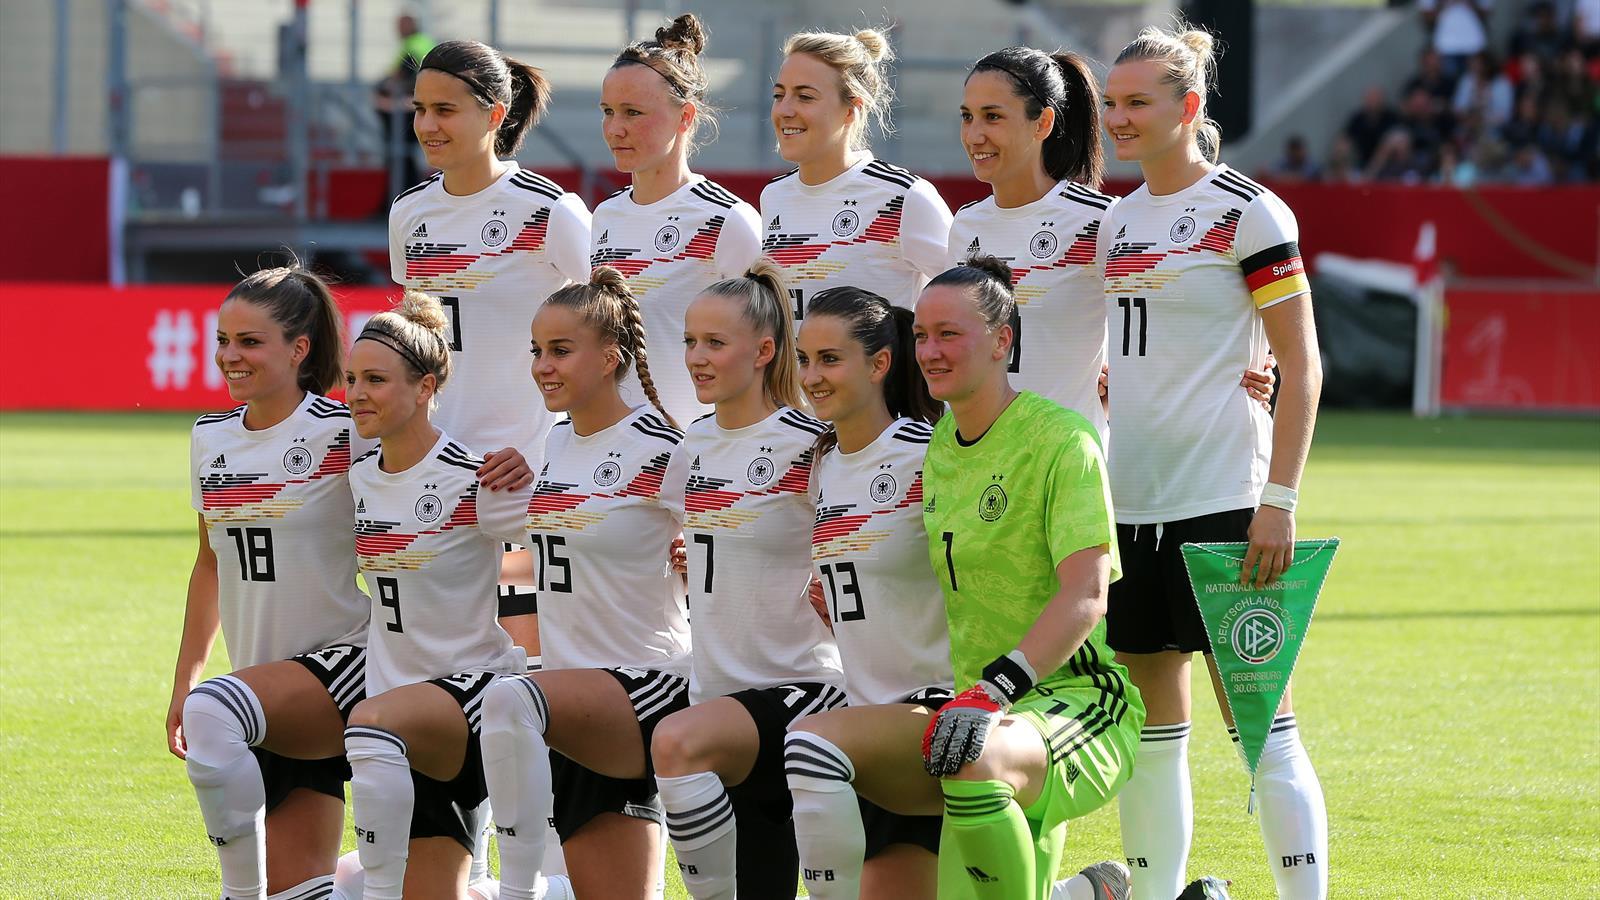 Fussball Weltmeisterschaft Frauen 2021